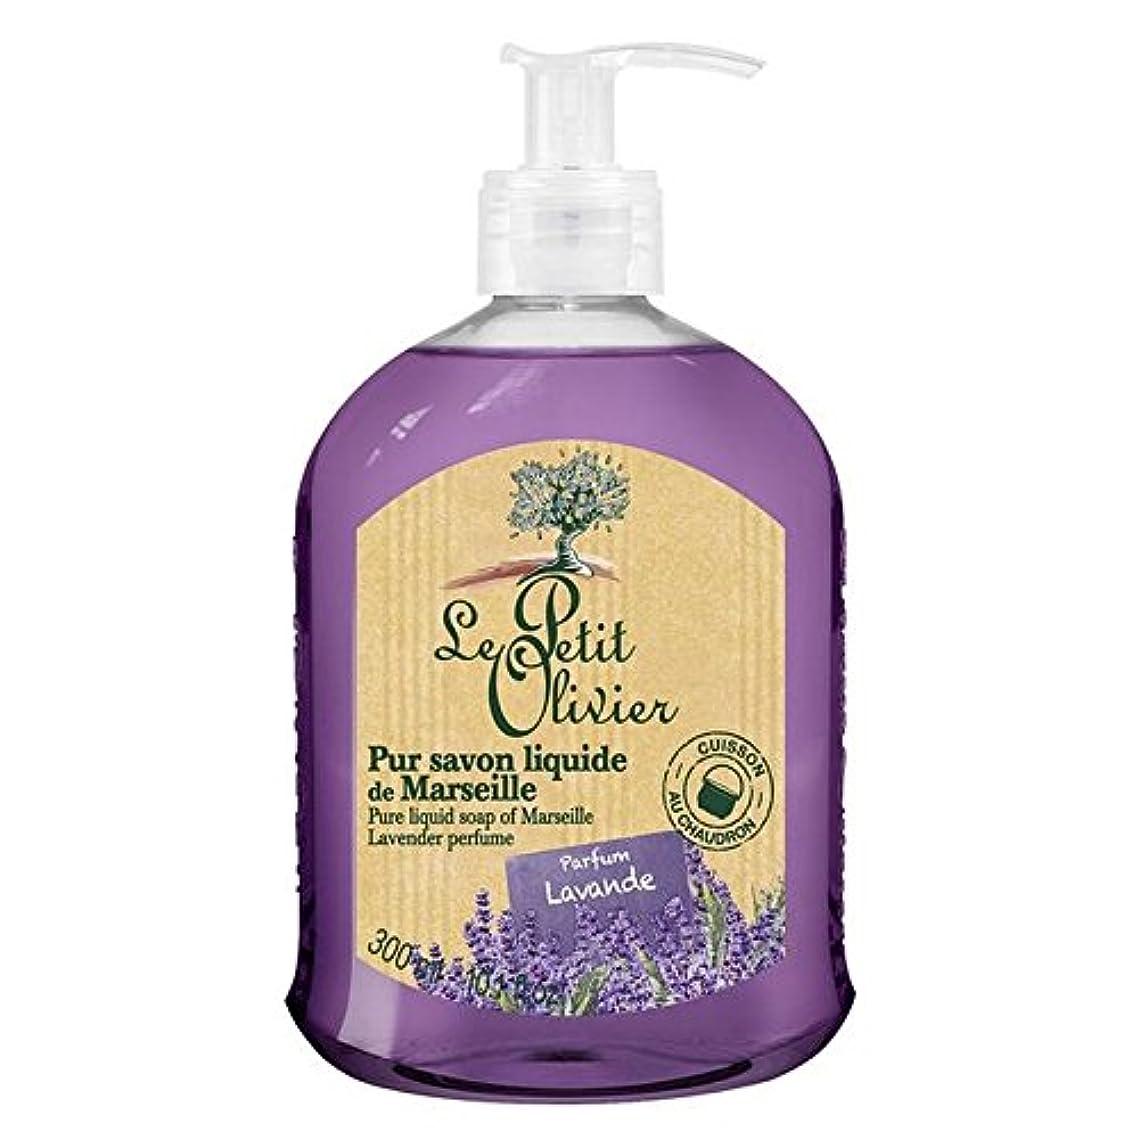 測る戸棚知るLe Petit Olivier Pure Liquid Soap of Marseille, Lavender 300ml - マルセイユのル?プティ?オリヴィエ純粋な液体石鹸、ラベンダー300ミリリットル [並行輸入品]